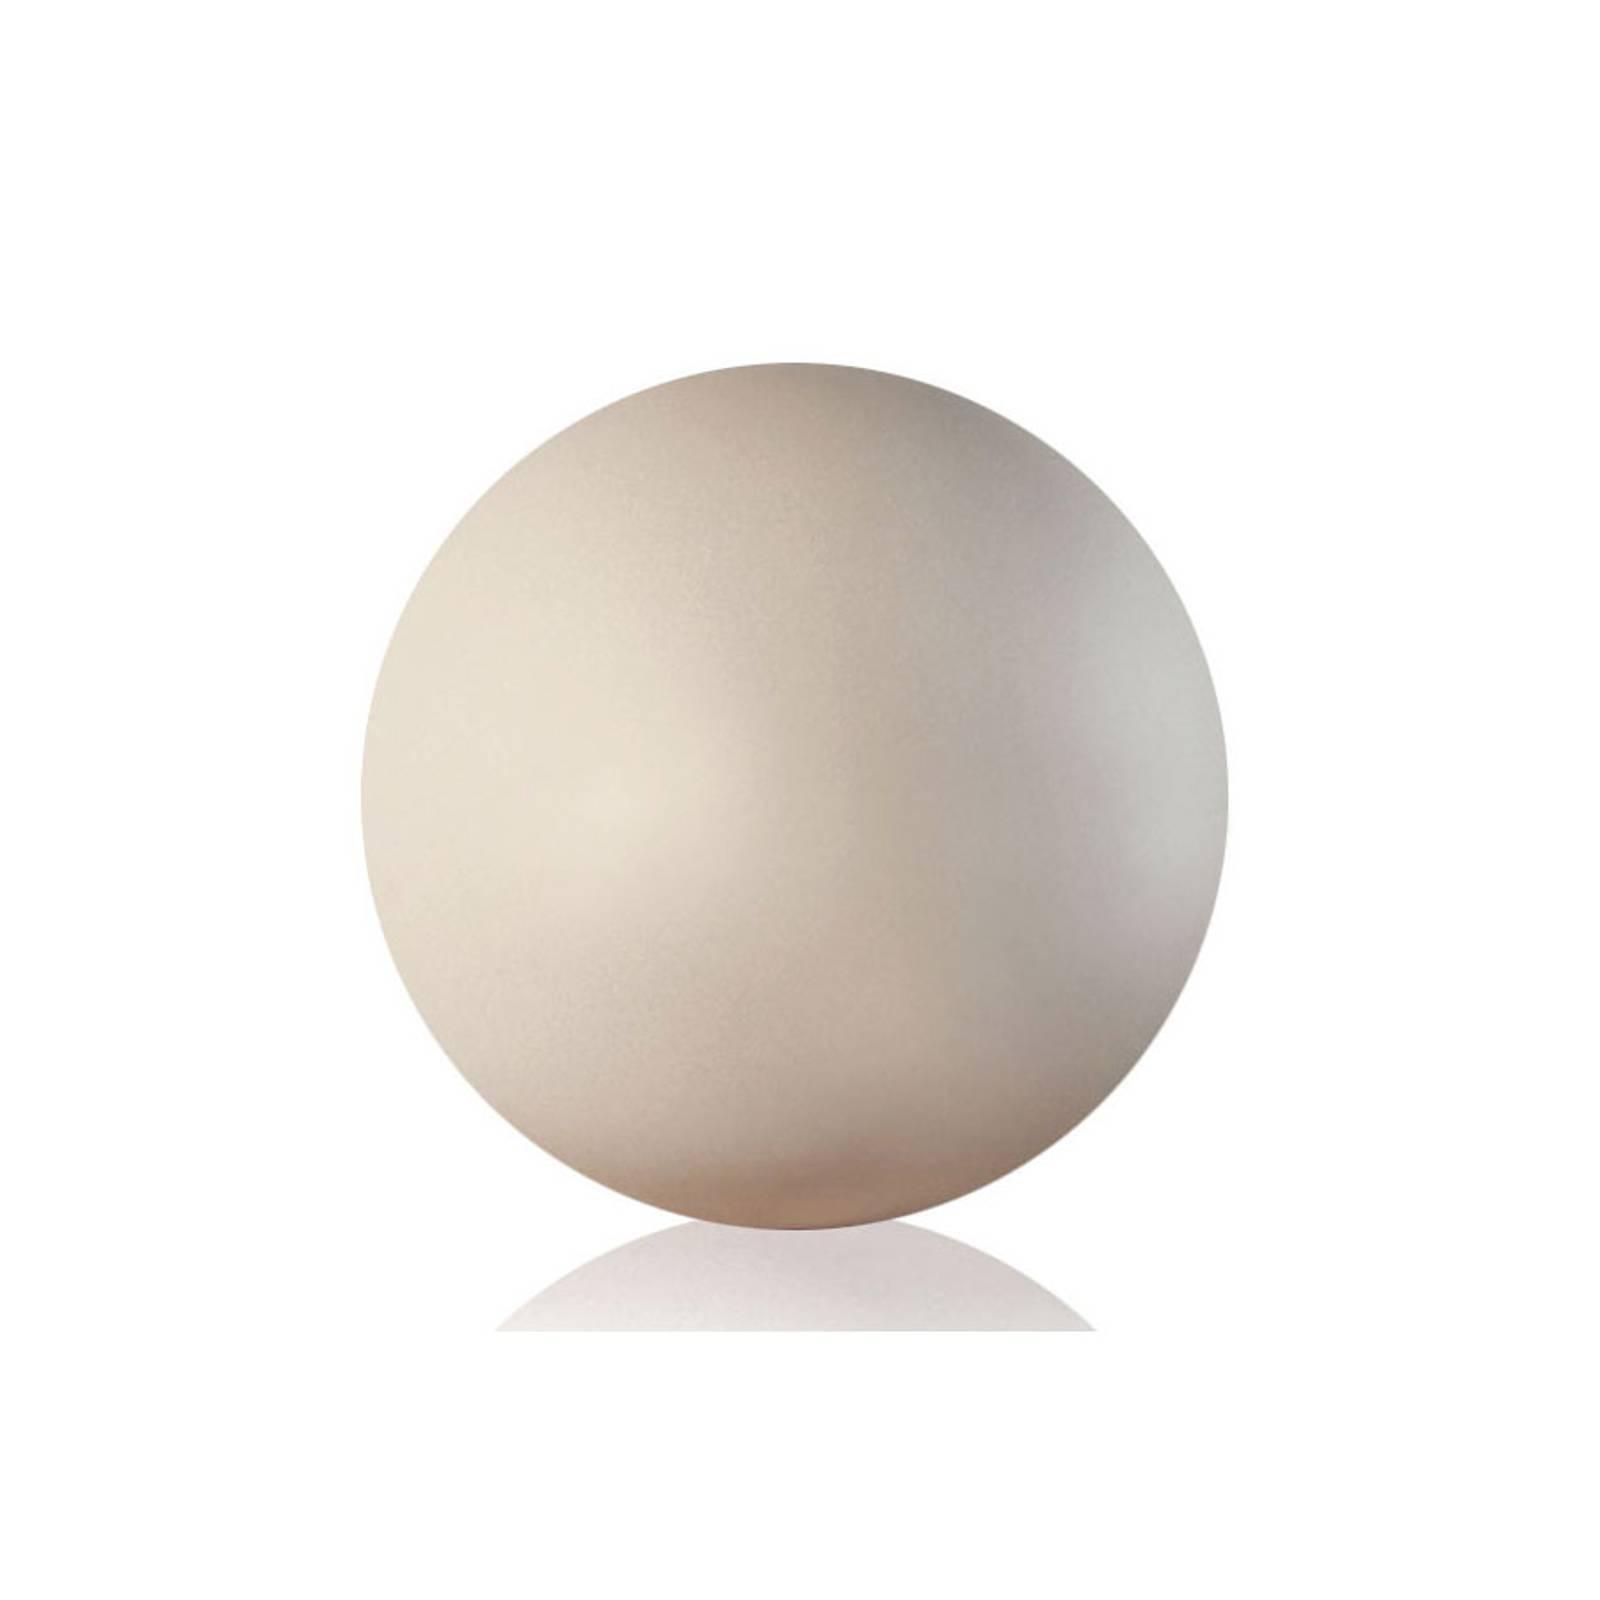 Bilde av Led-dekorbelysning Shining Globe, 30 Cm, Solcelle